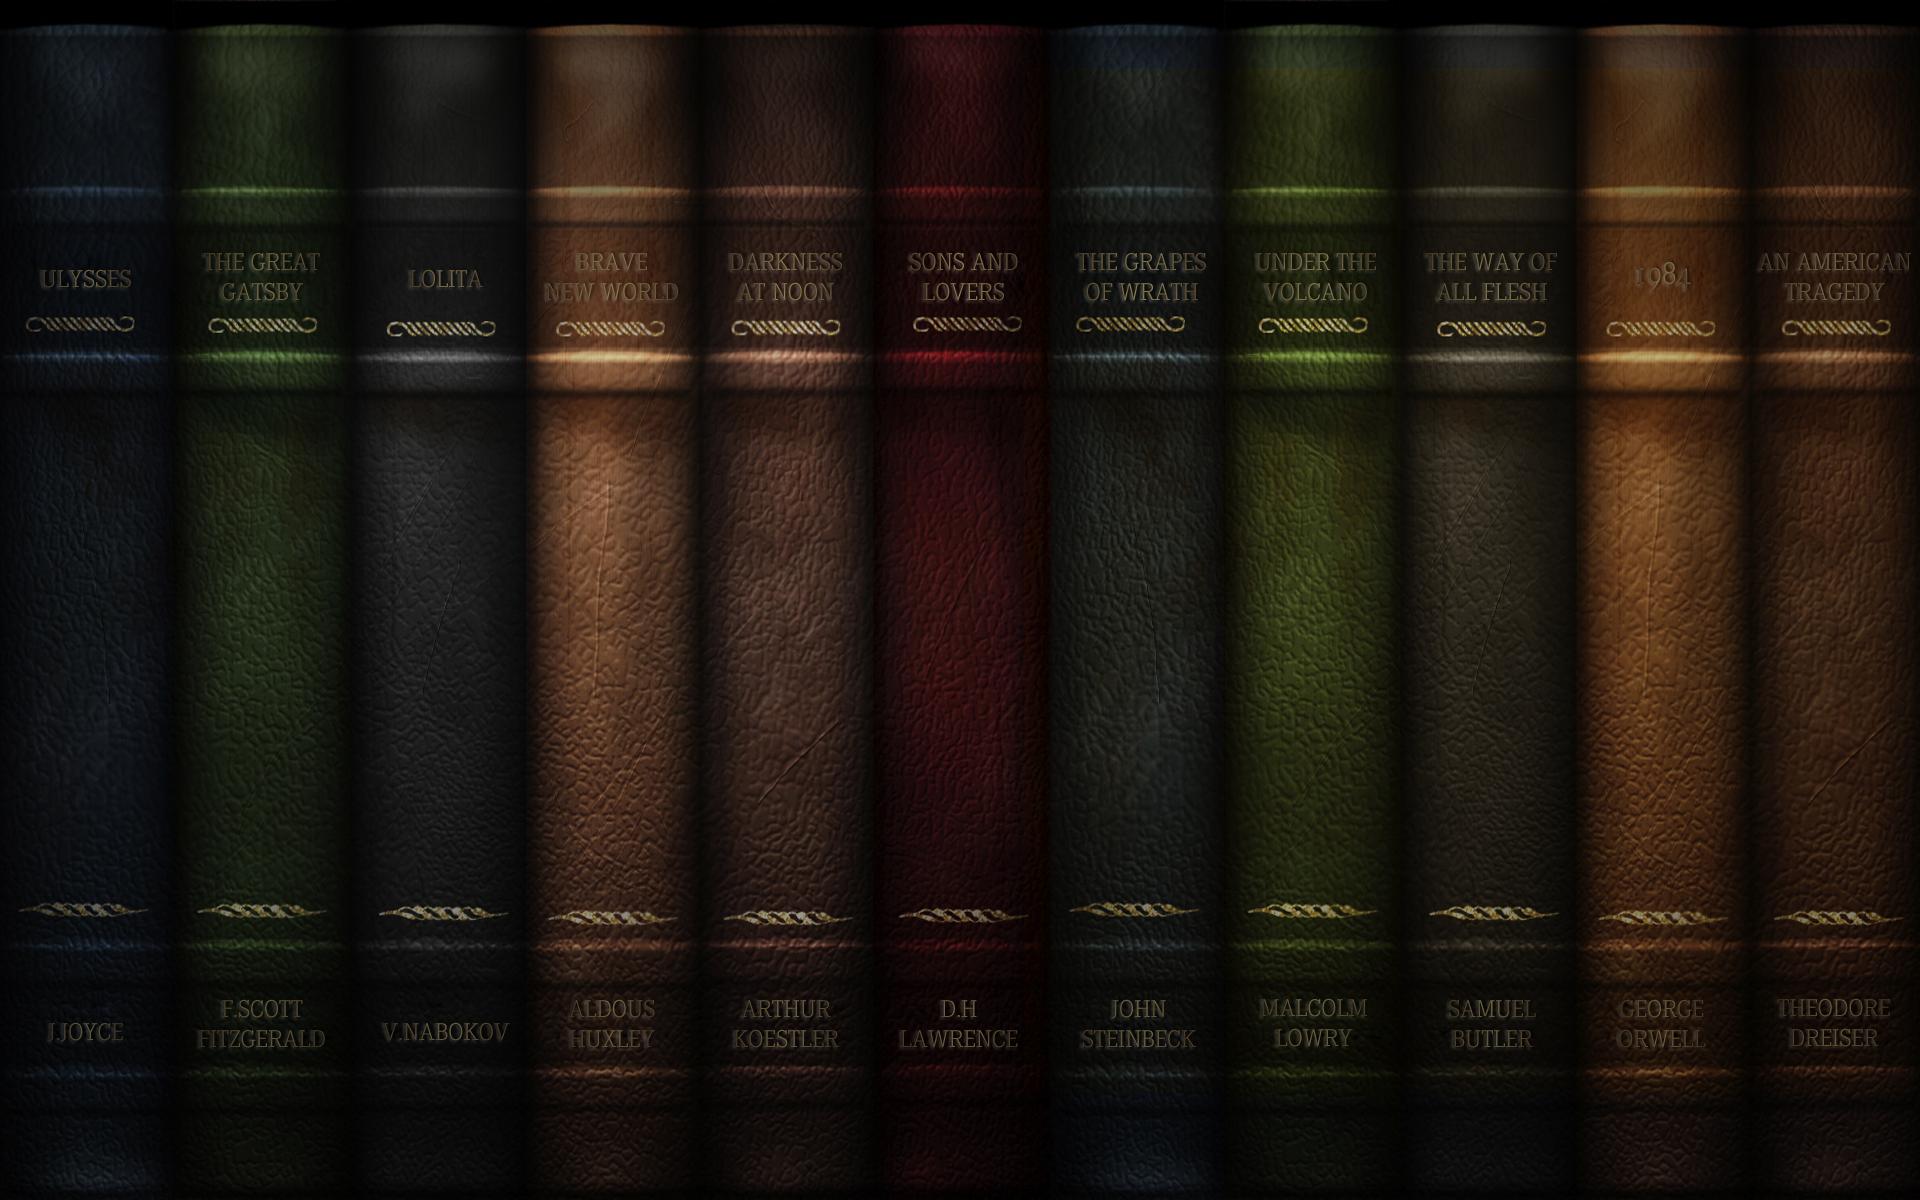 Estava procurando por wallpapers com o tema de livros e achei vrios 1920x1200